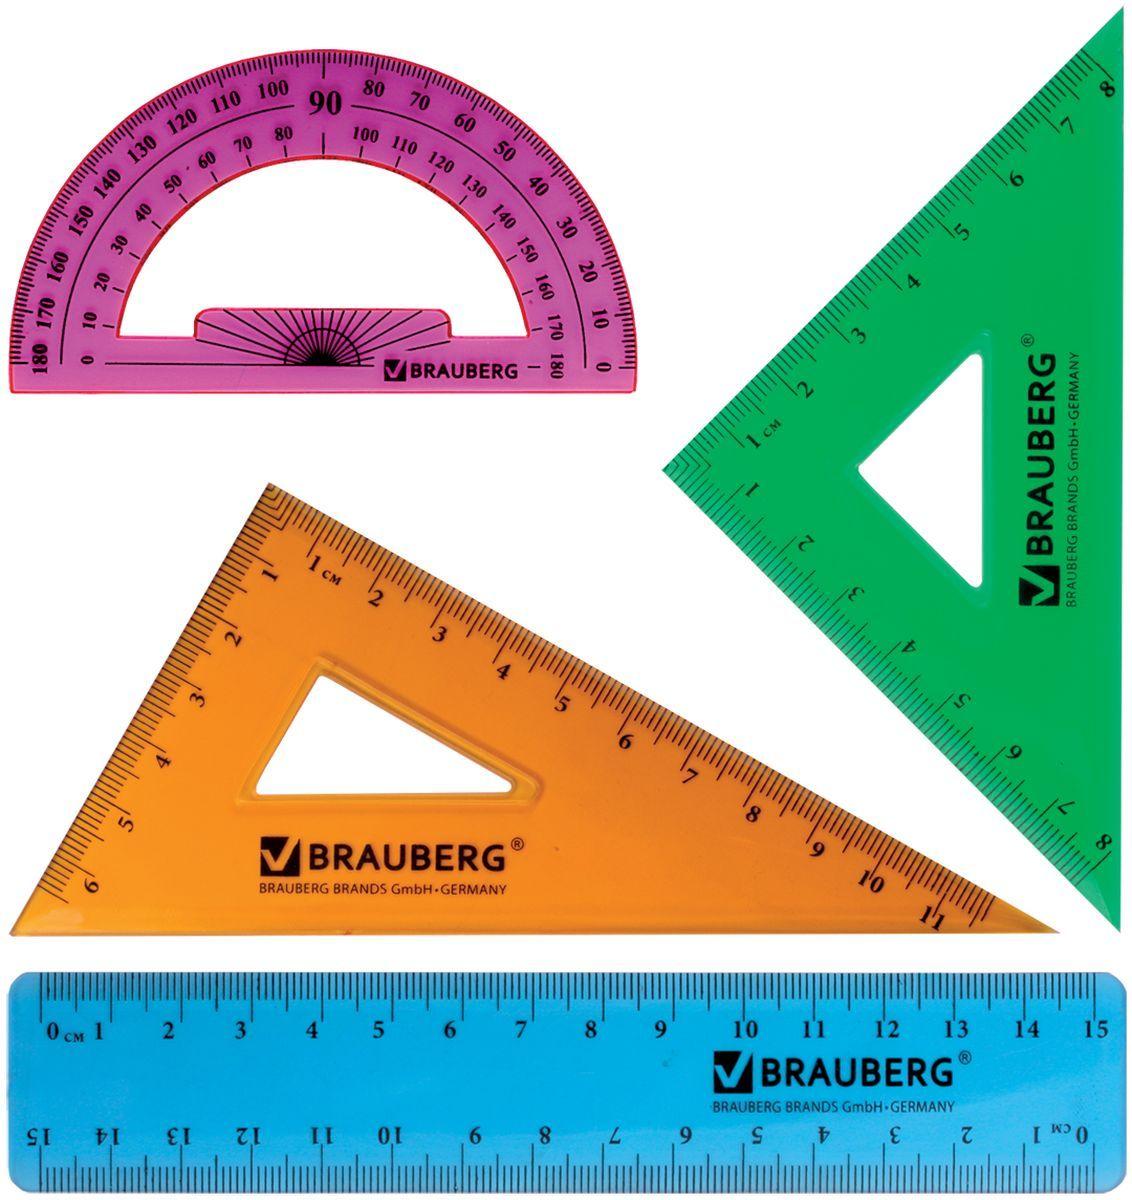 Brauberg Набор чертежный Сrystal 210295210295Набор геометрический Brauberg Сrystal из яркого, прочного пластика толщиной 1,7 - 2 мм. Предназначен для чертёжных работ.Набор включает в себя четыре предмета: линейка со шкалами 15 см/15 см, треугольник с углами 30°/60° и шкалами 11,6 см/6,5 см, треугольник с углами 45°/45° и шкалами 8 см/8 см, транспортир 180°.